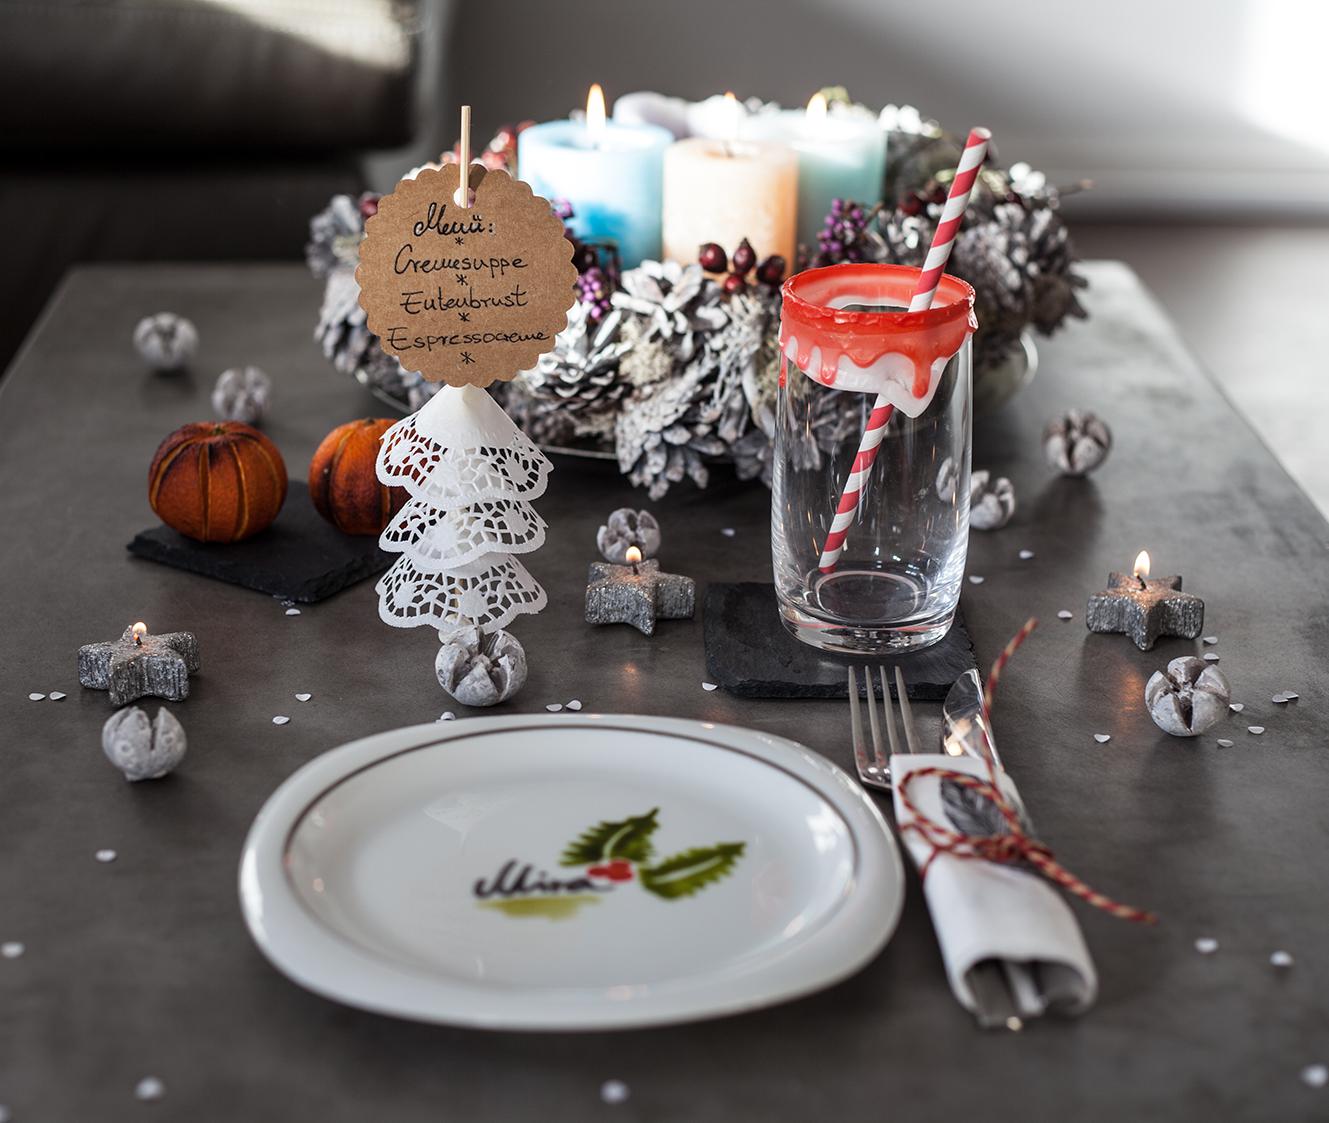 Weihnachtstisch decken – mit einfachen Mitteln dekorieren